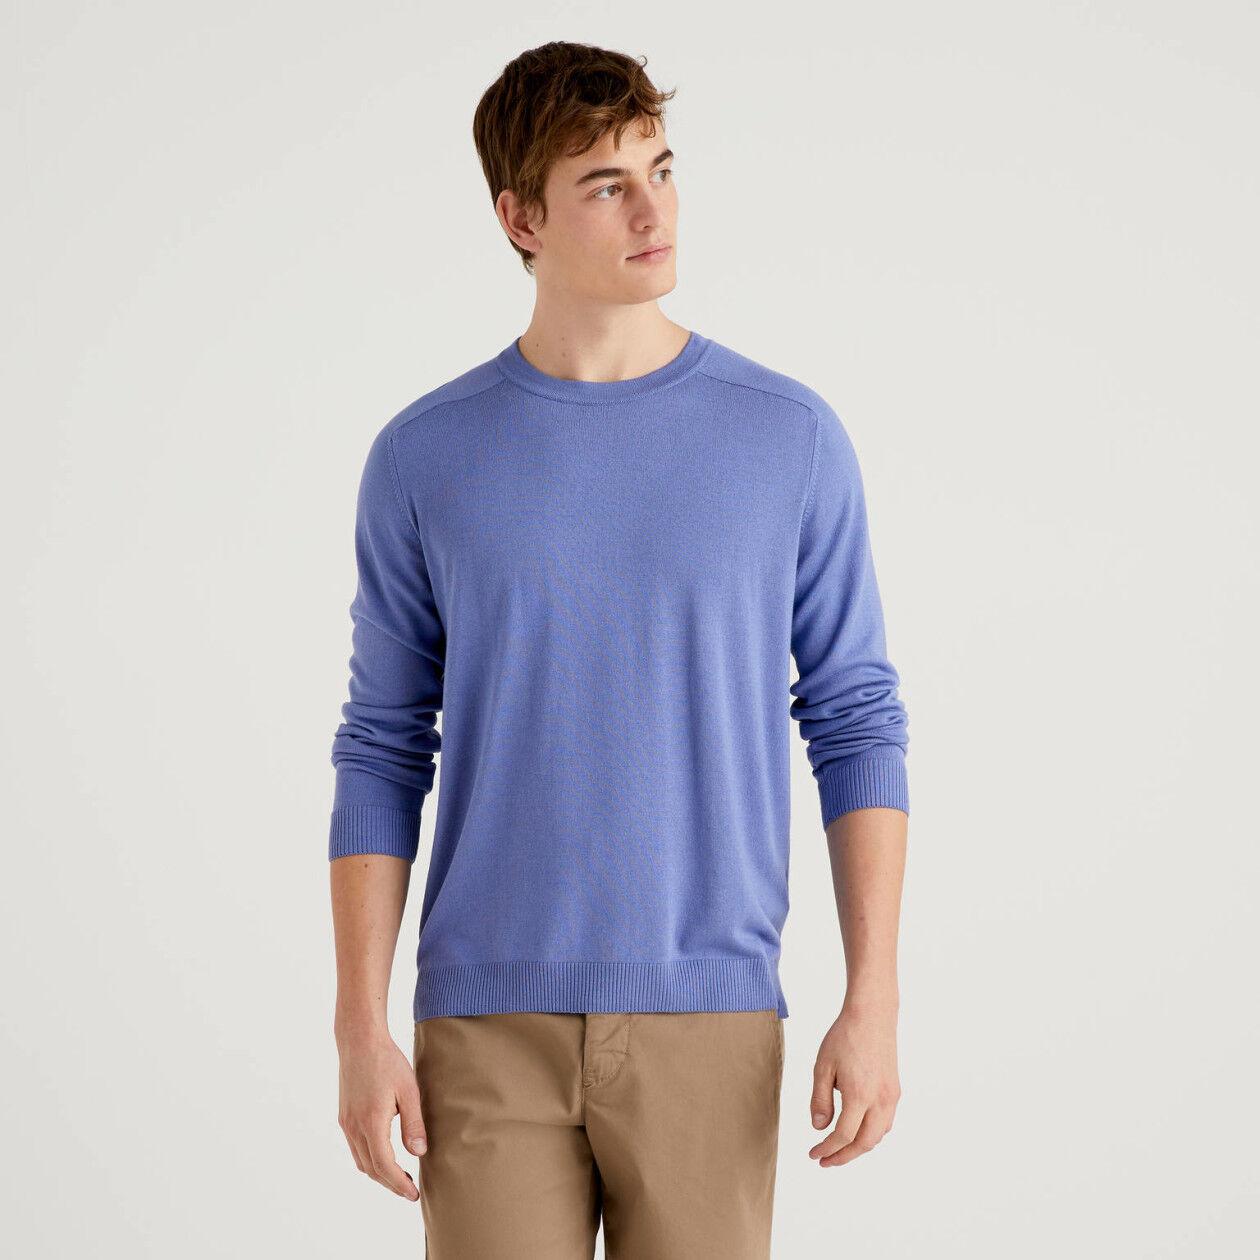 Einfarbiger Pullover mit Rundausschnitt